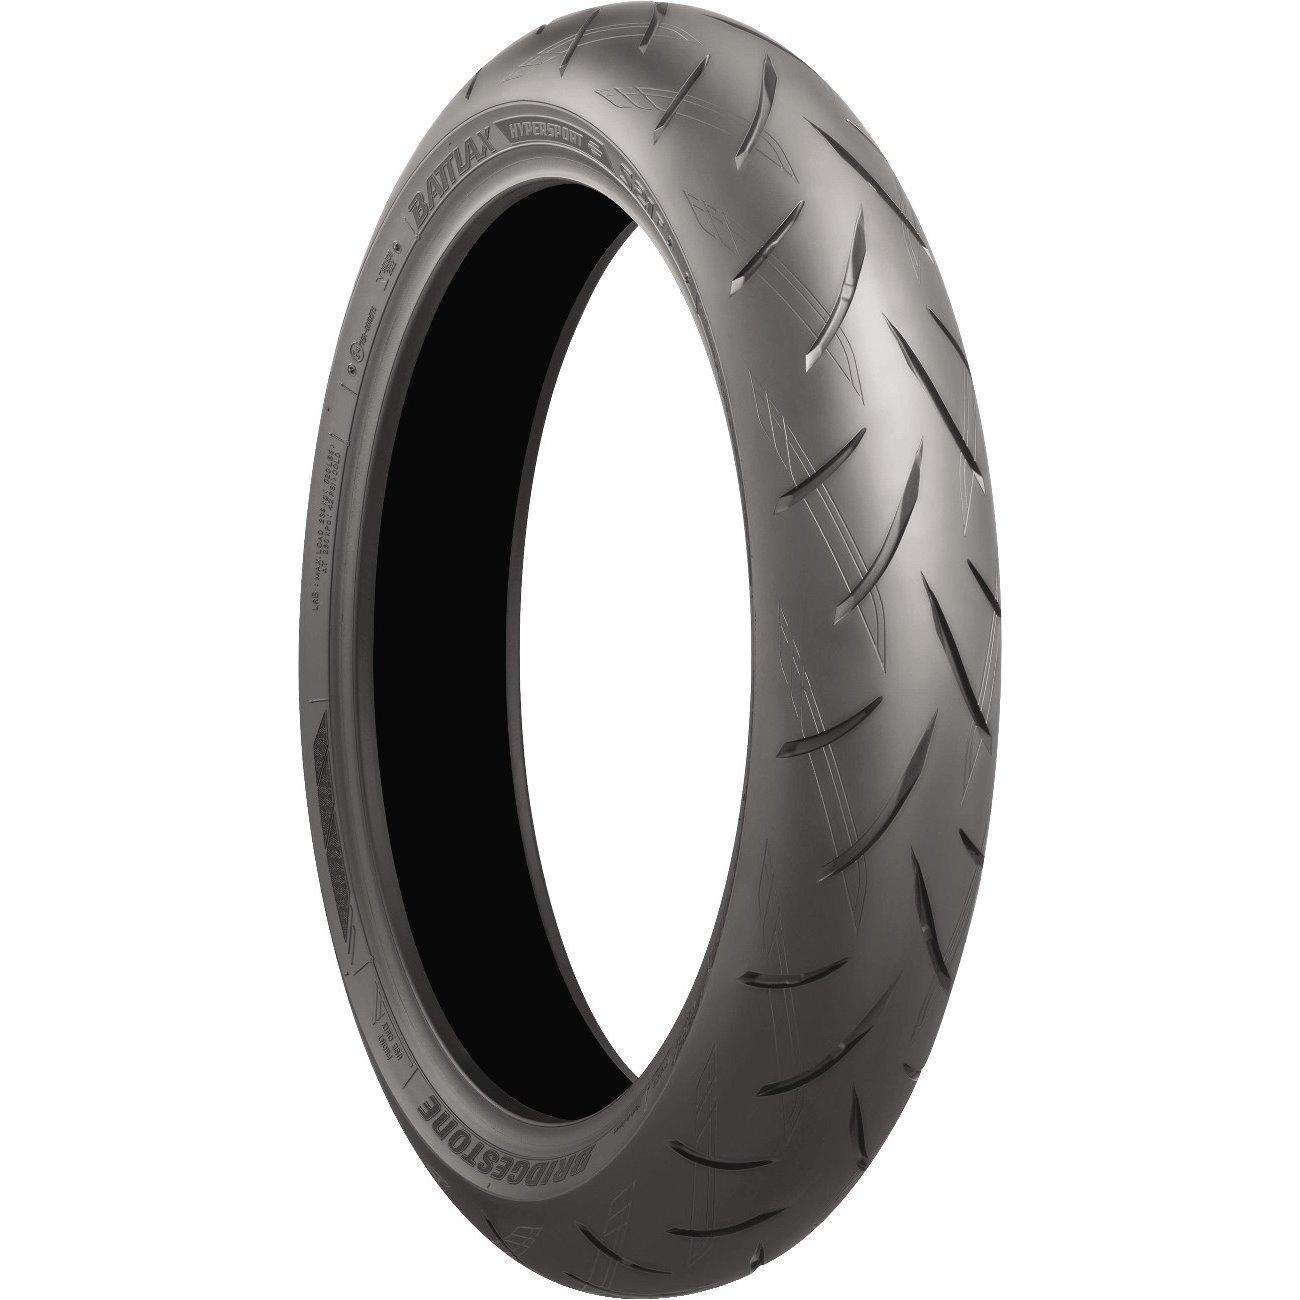 BRIDGESTONE Battlax S21 Hypersport Street Front & Rear Tire Set, 120/70-17 58W & 180/55-17 73W by Bridgestone (Image #1)